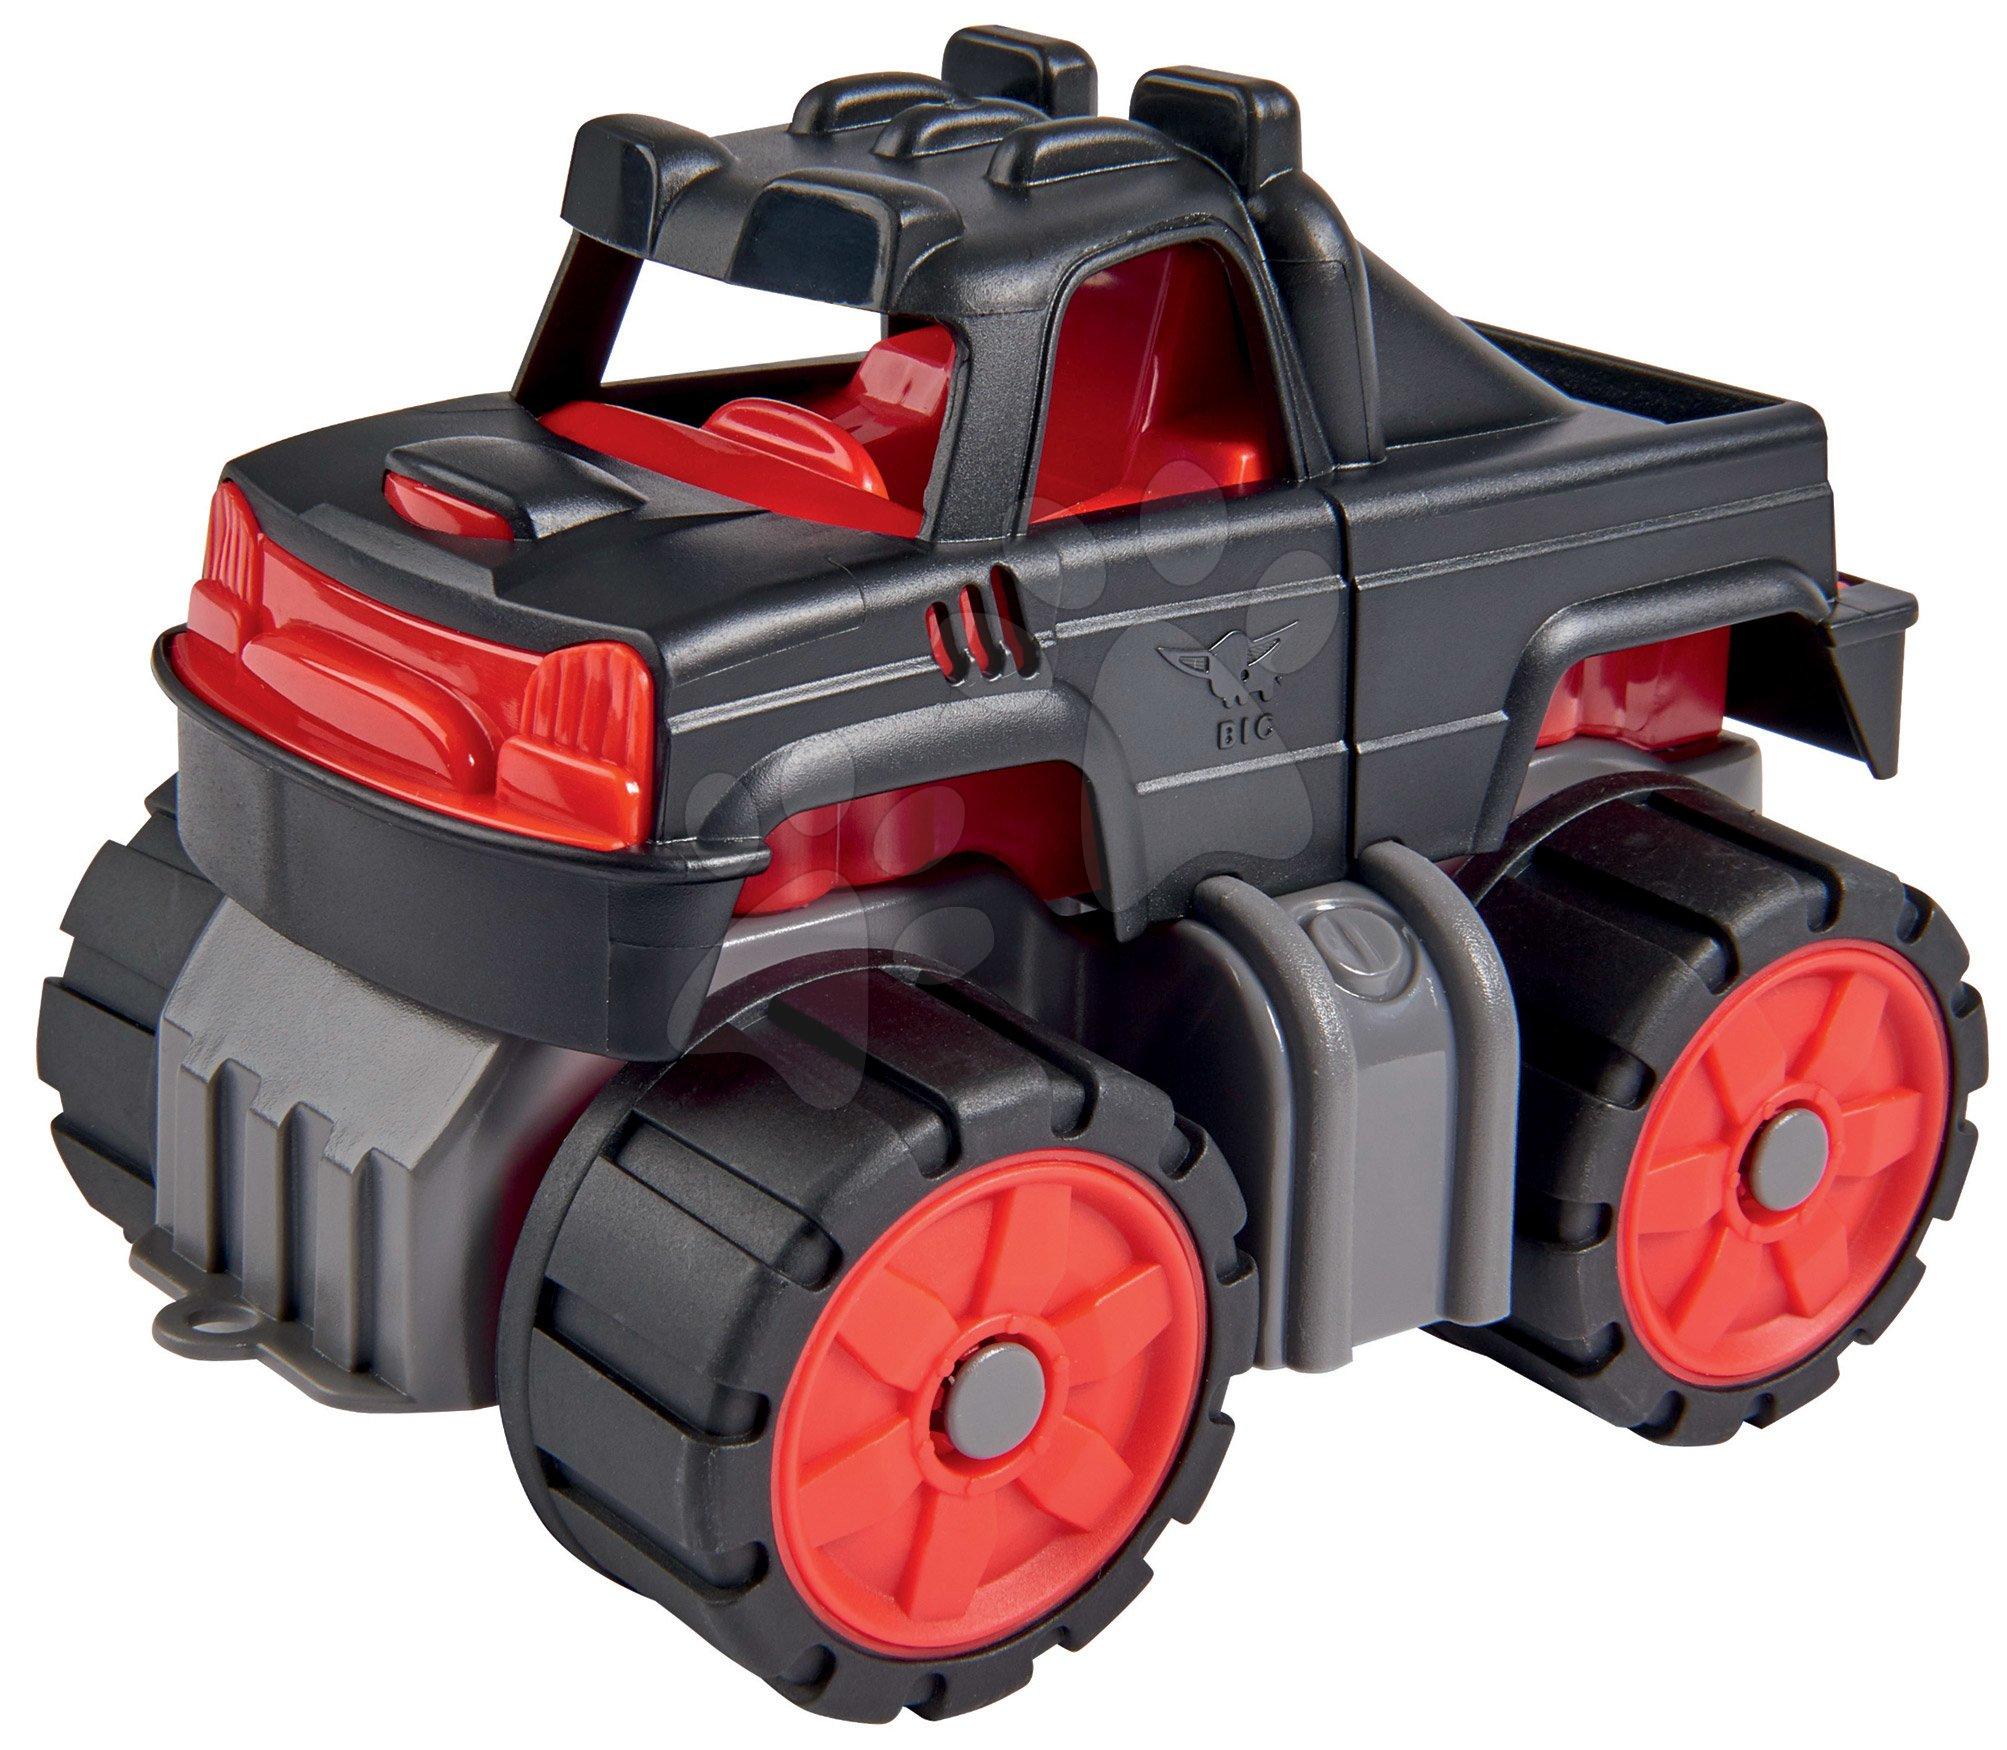 Camion Monstertruck Mini Power Worker Big 15 cm cu roți din cauciuc de la 2 ani